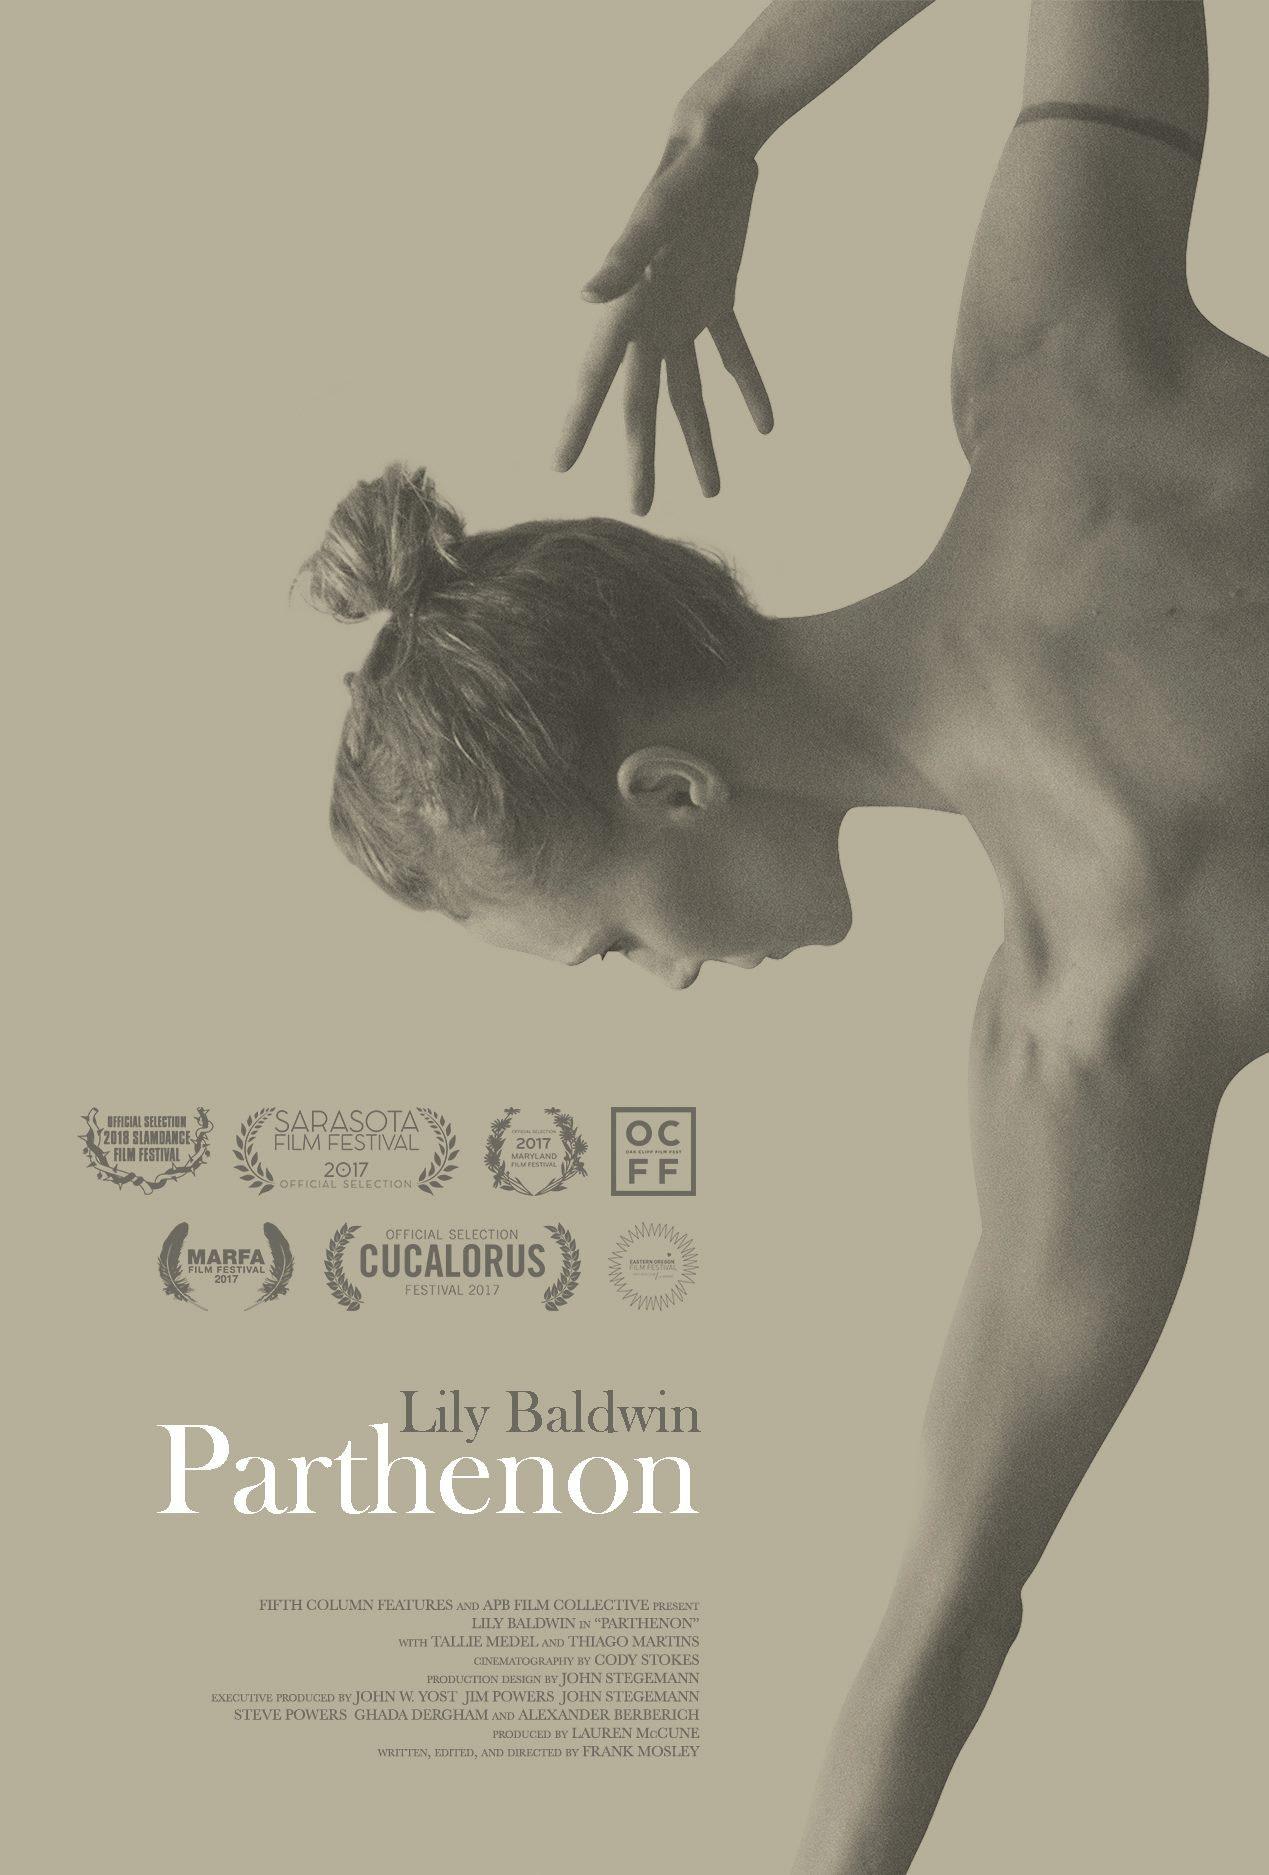 Parthenon featuring Lily Baldwin premieres on NoBudge